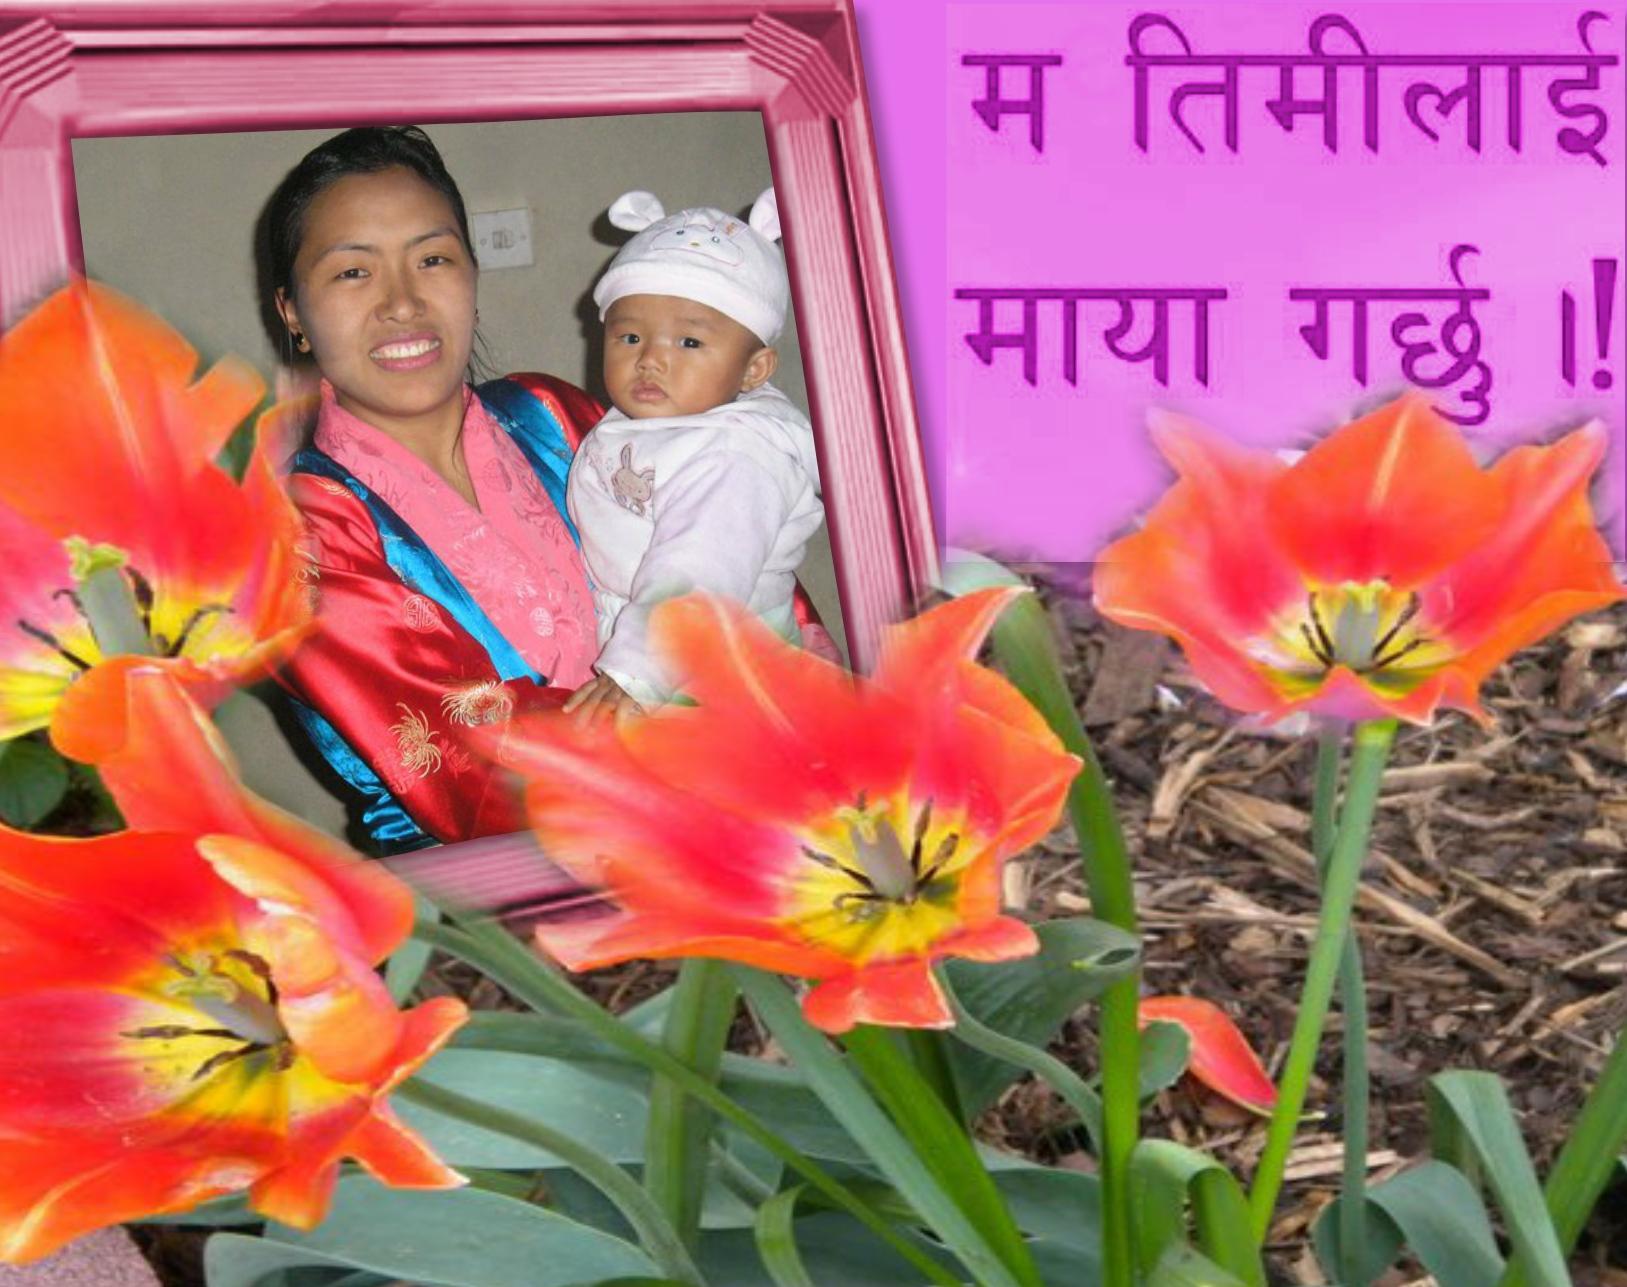 ngima108\'s Picture Frames - 2011 June - Nepali Love frame. Solu ko ...